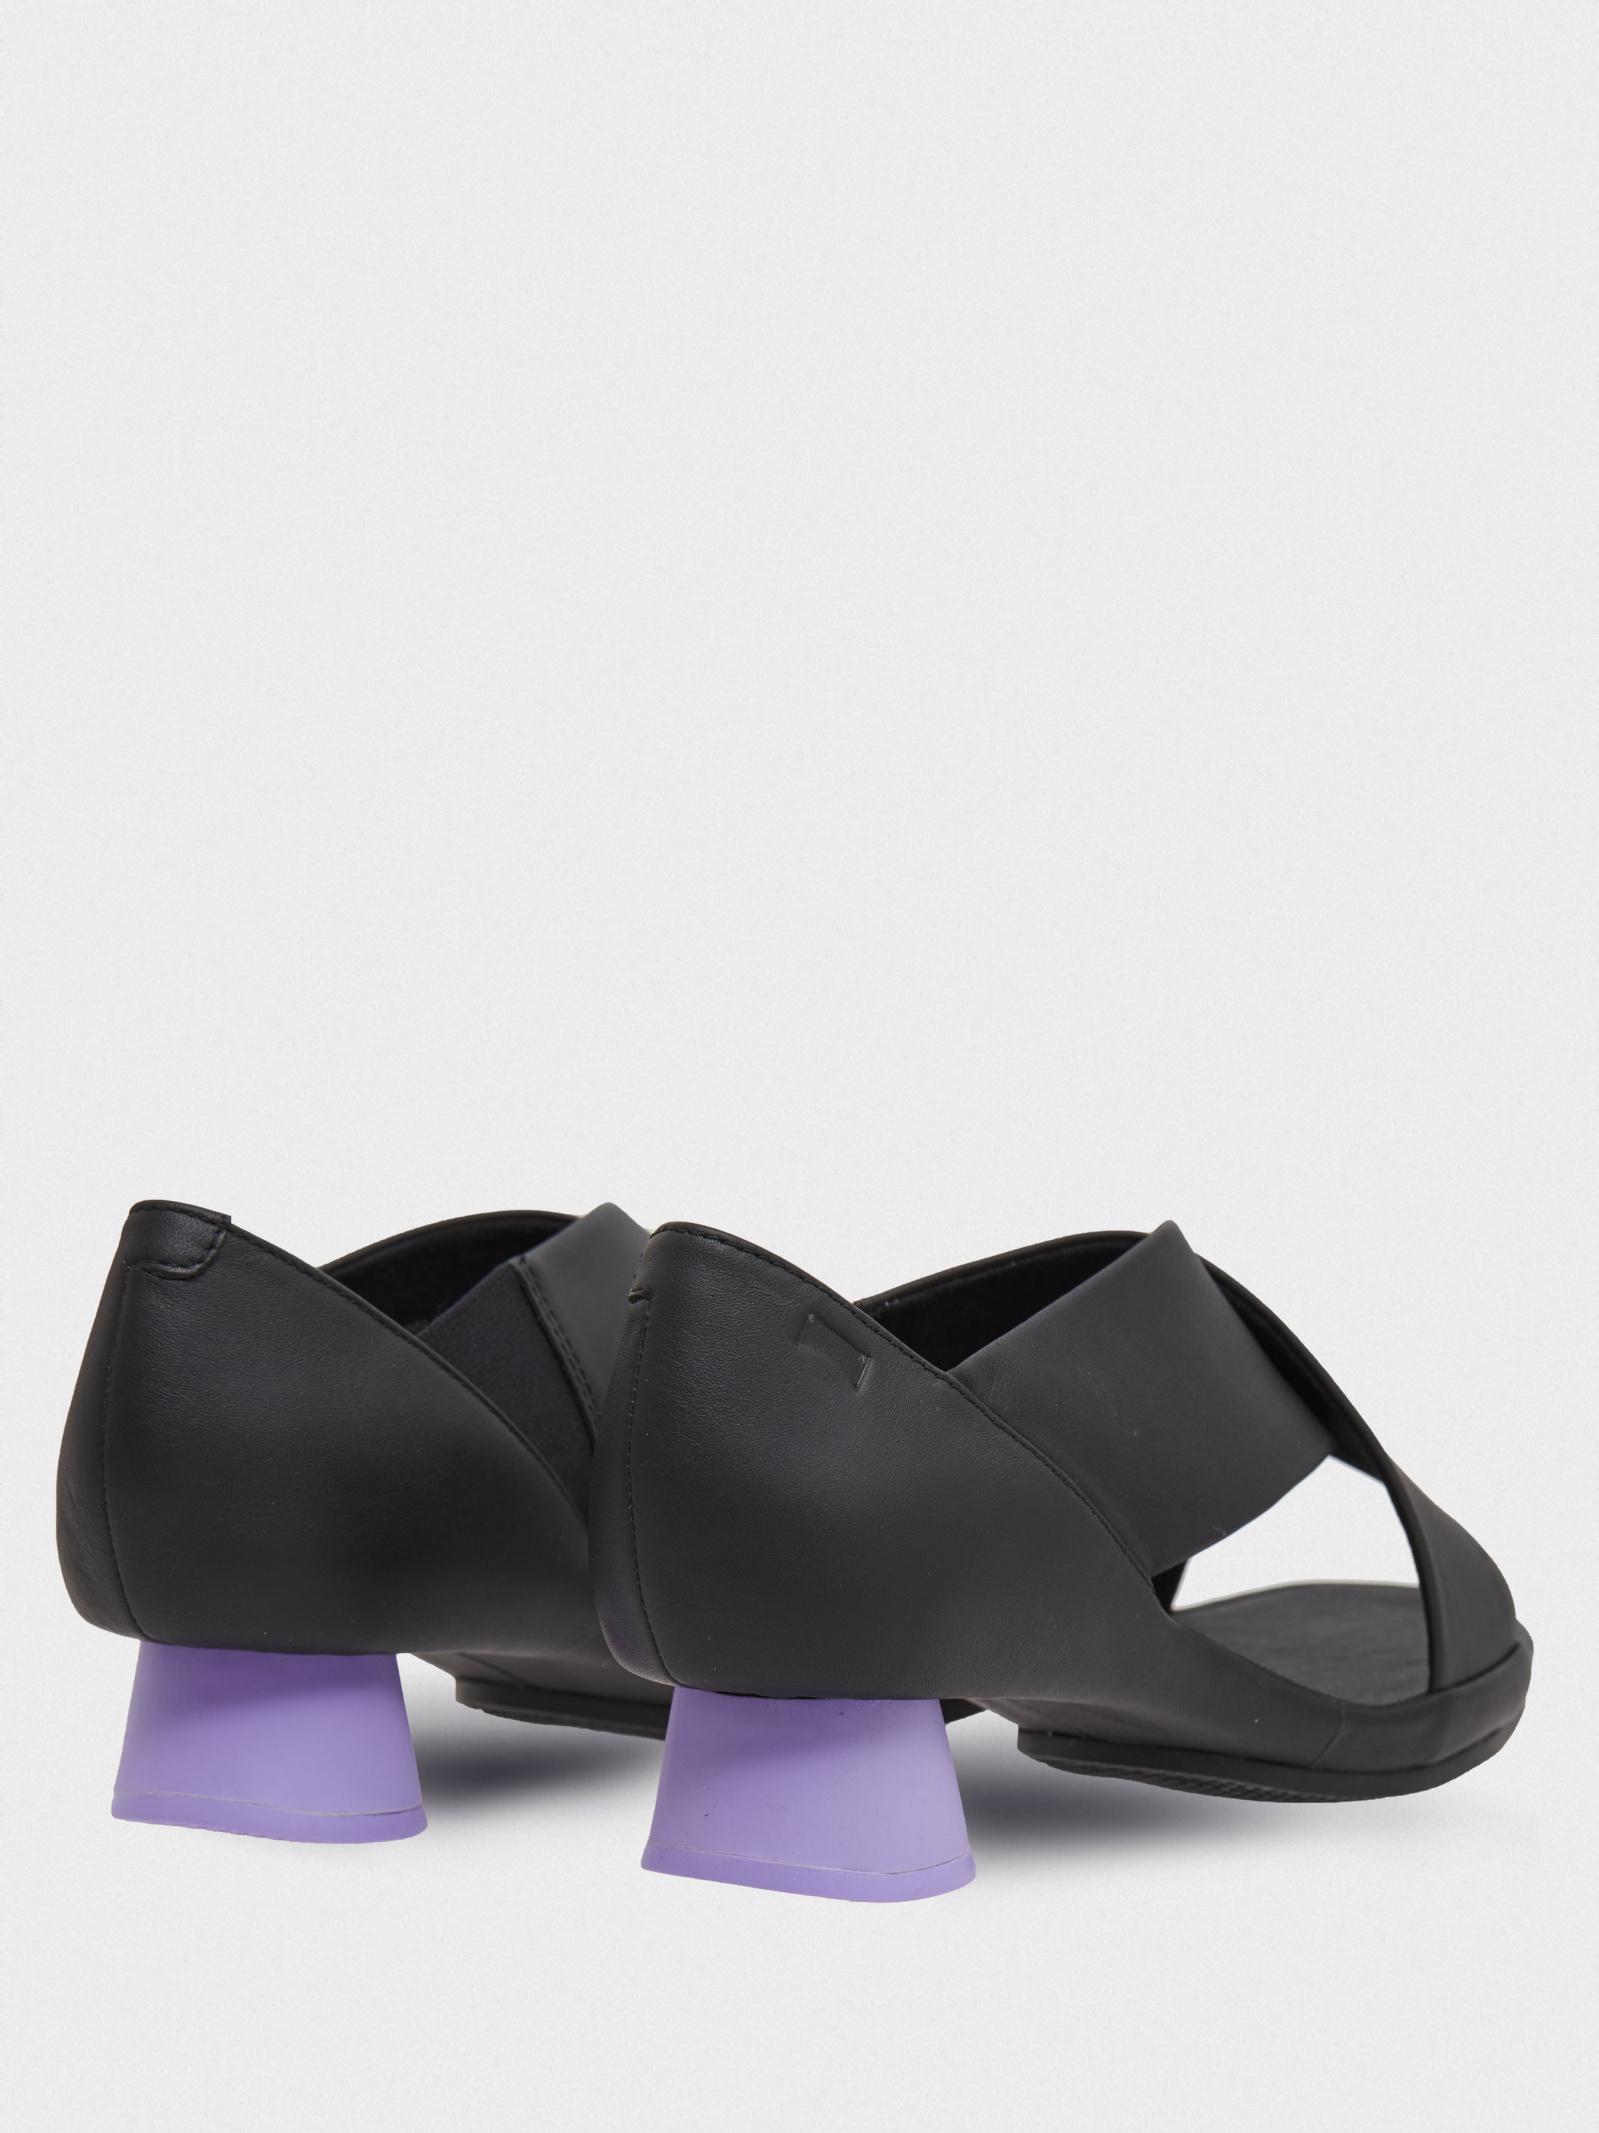 Босоножки для женщин Camper Alright Sandal AW1074 купить, 2017